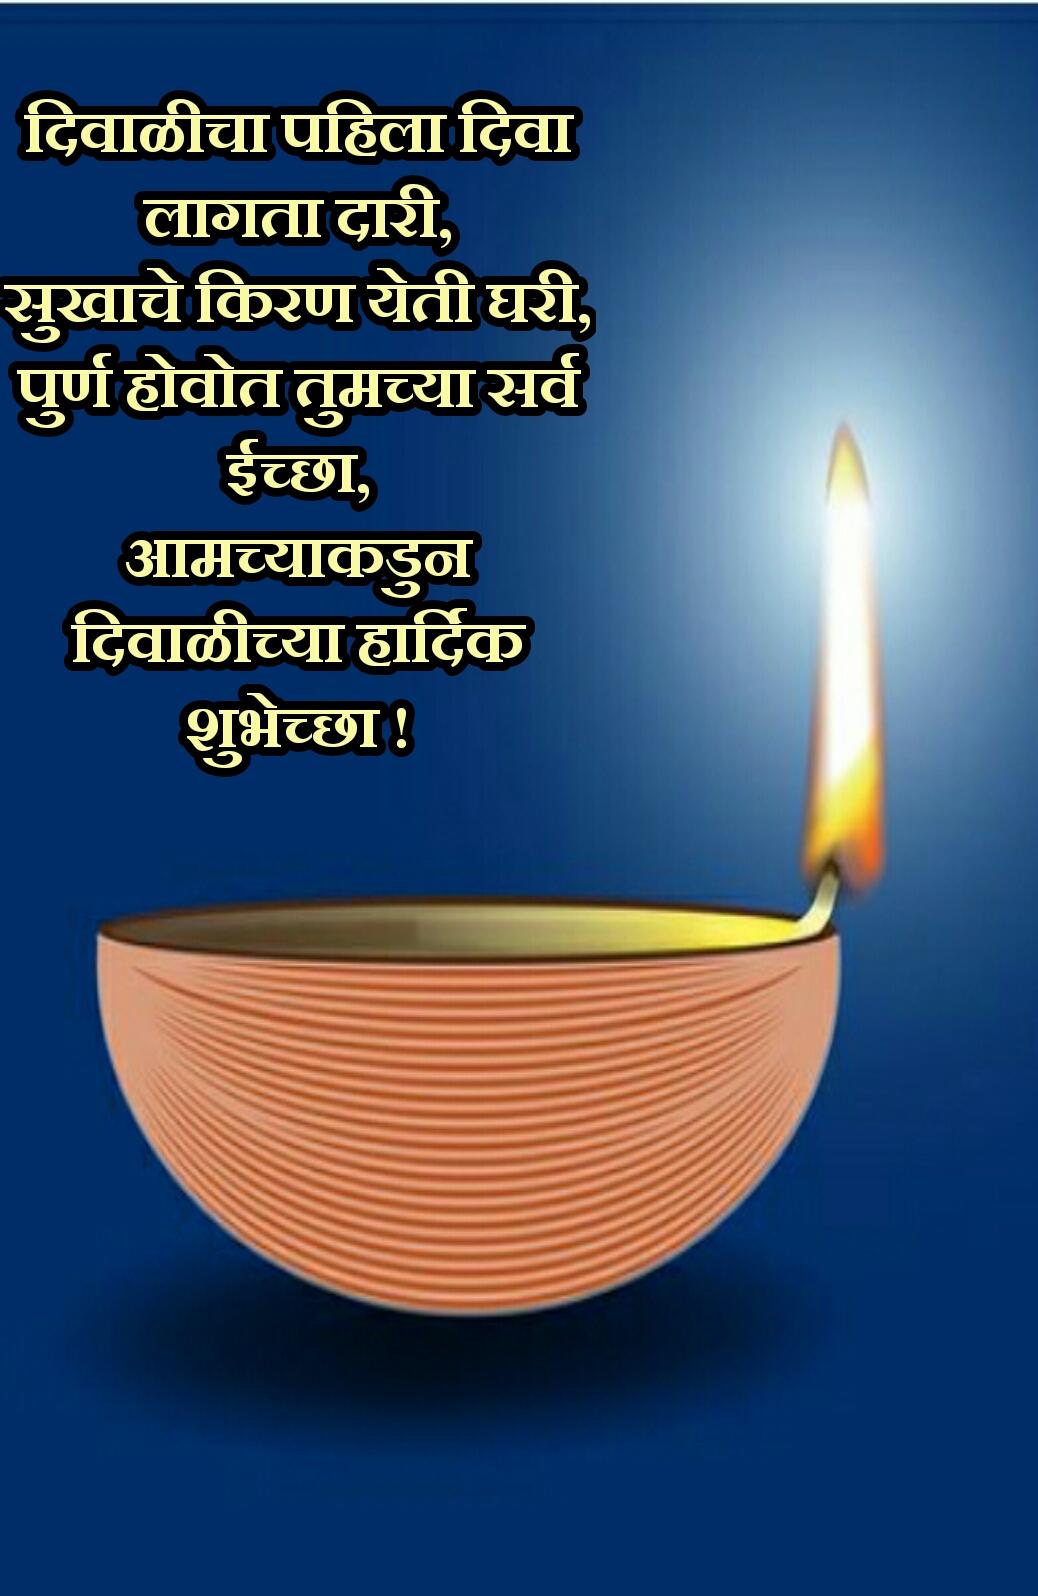 Diwali Messages In Marathi 2018 Happy Diwali Sms Happy Diwali